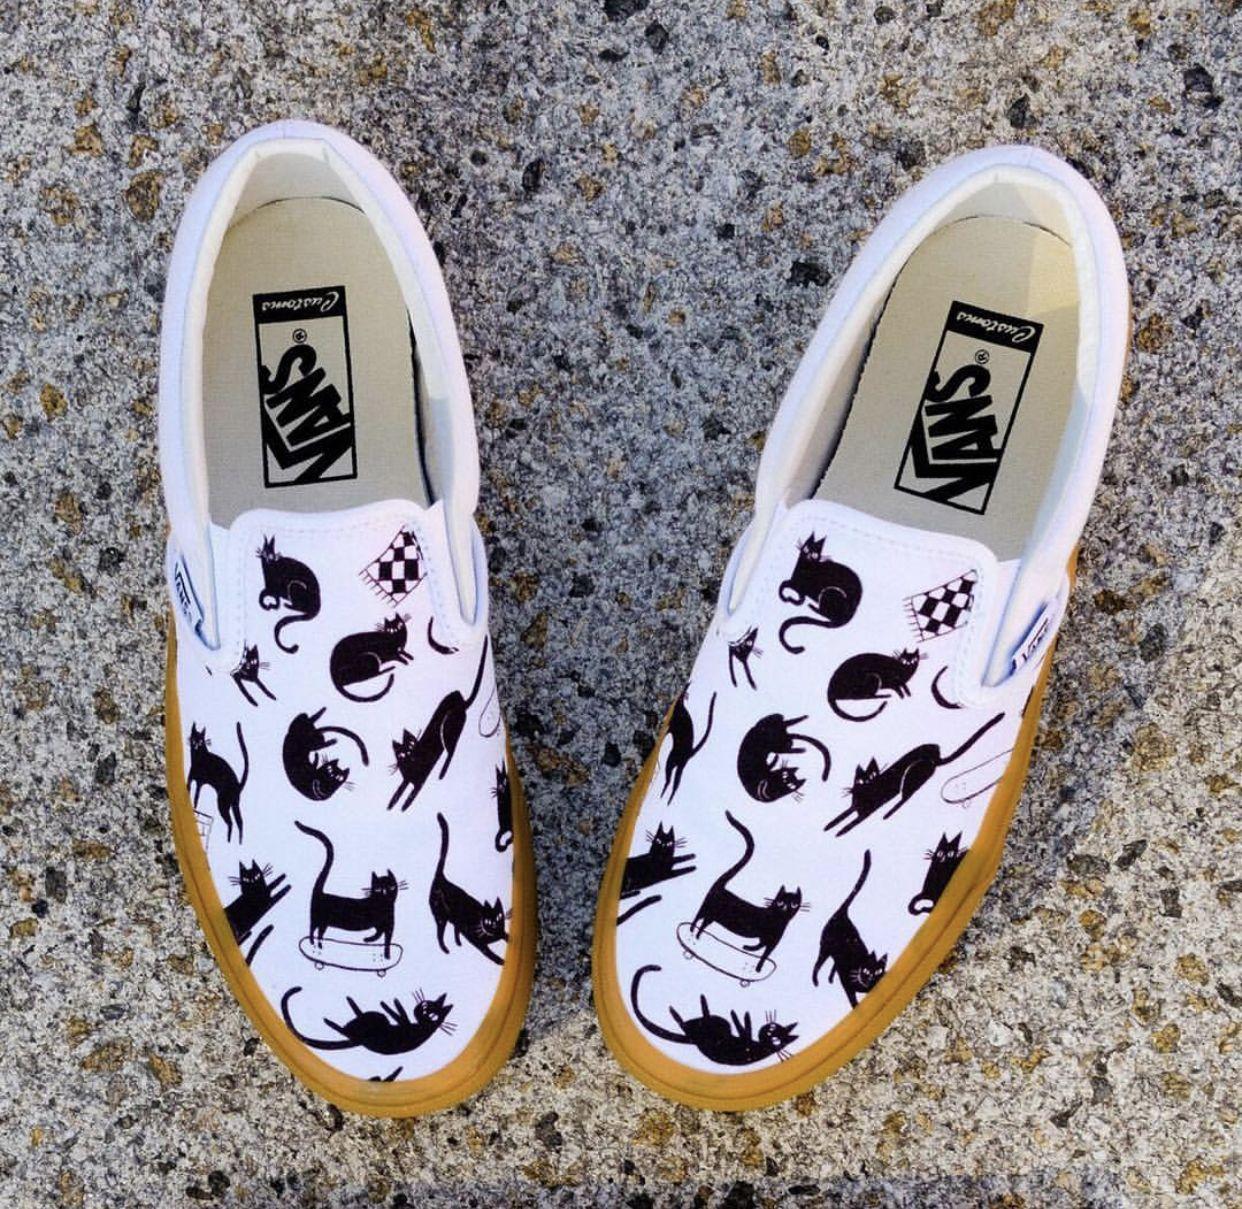 Pin by Rylee Thompson on Vans | Vans, Vans classic slip on